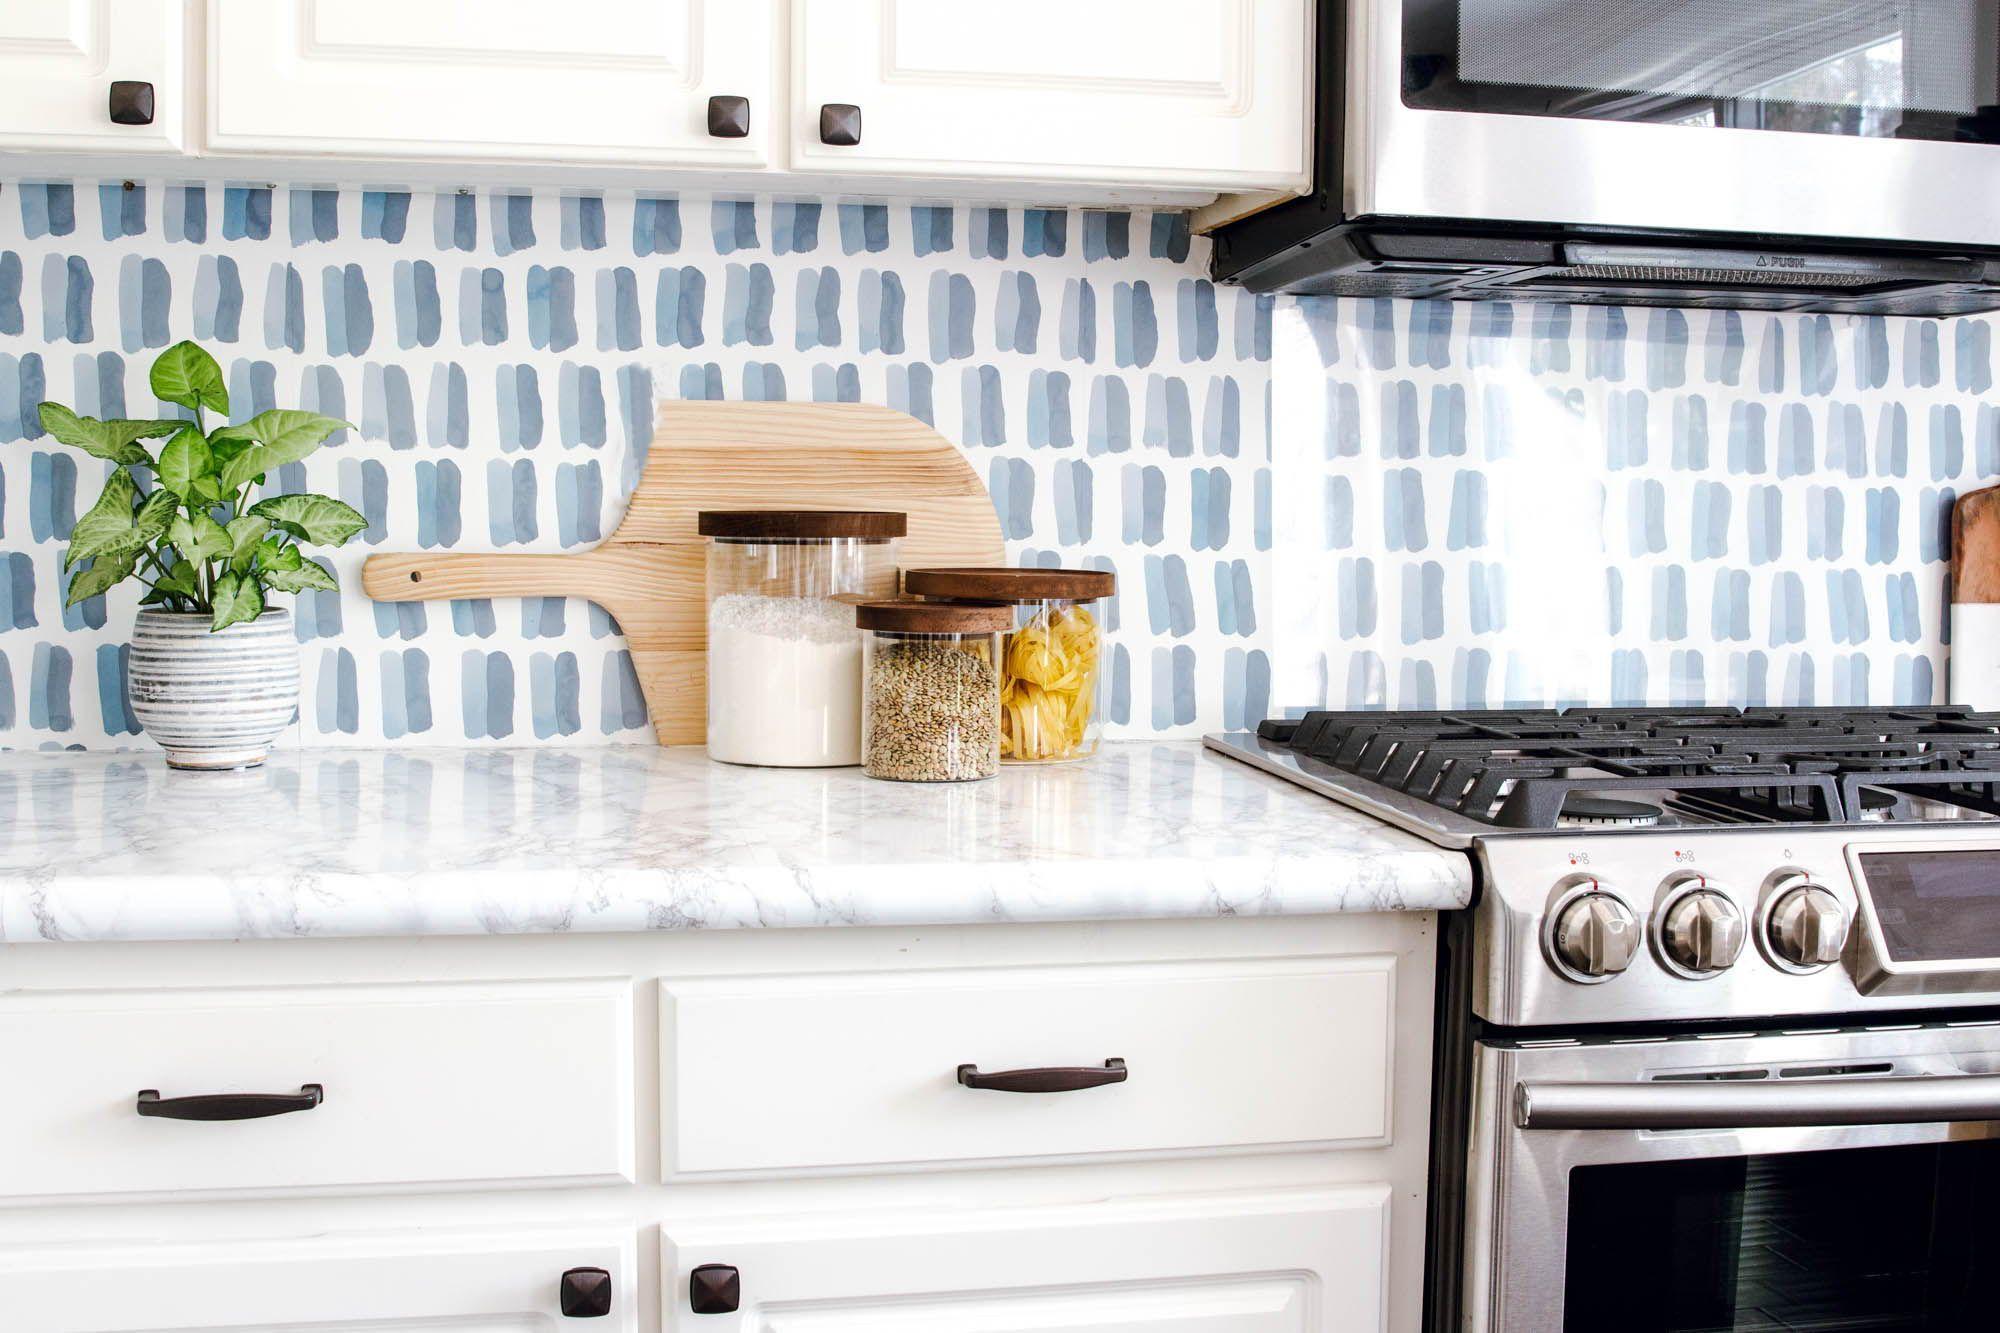 Ra At Home Anita Yokota S Kitchen Diy Backsplash Backsplash Wallpaper Diy Kitchen Backsplash